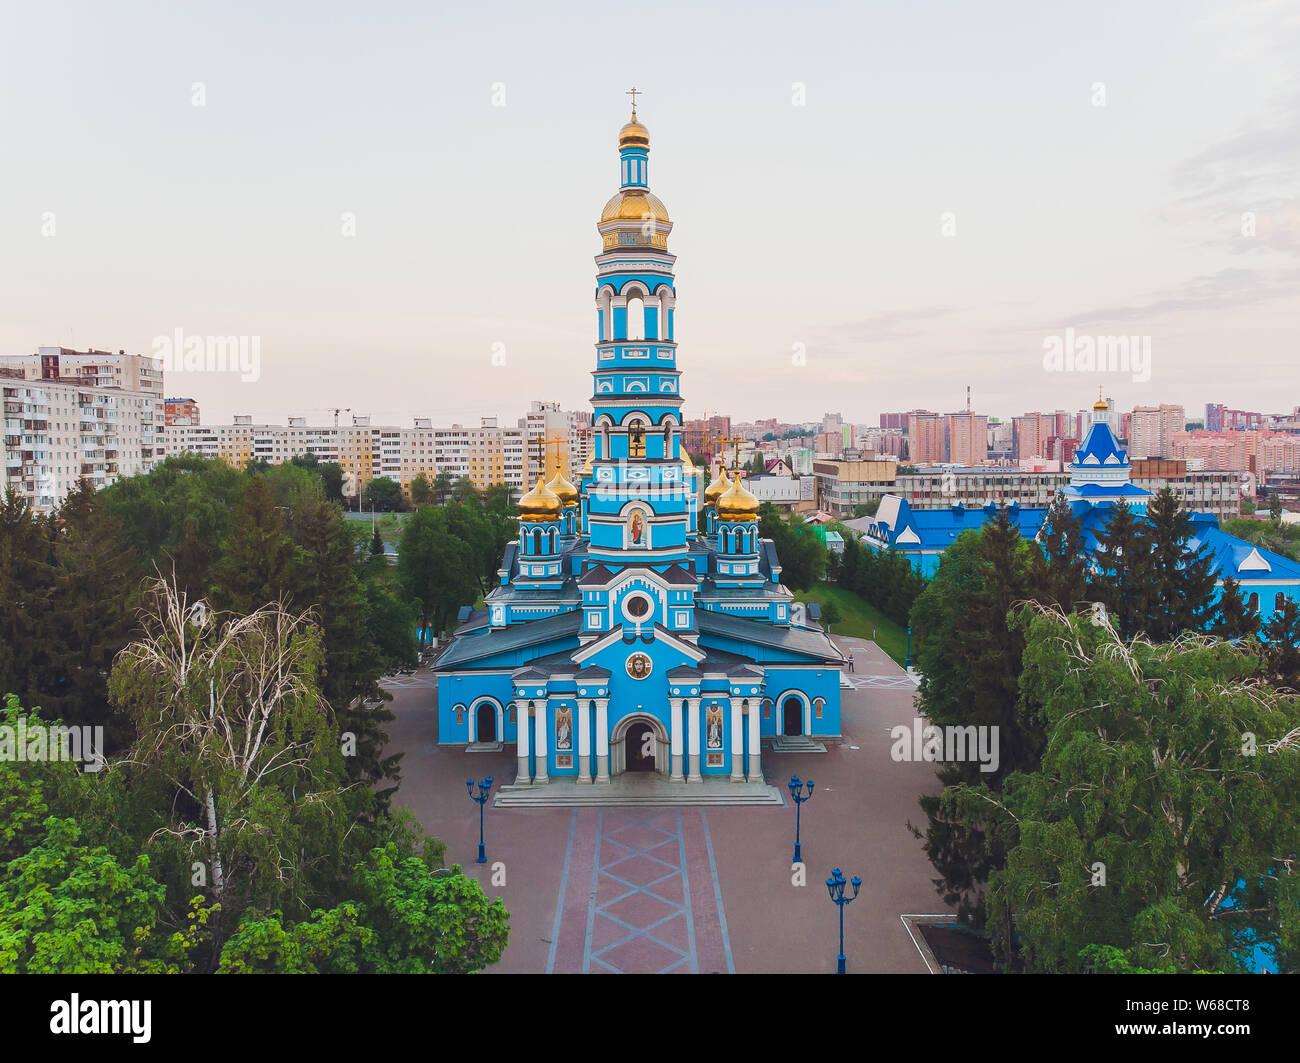 La Russie. Ufa. L'église de la Nativité de la Bienheureuse Vierge Marie. Banque D'Images